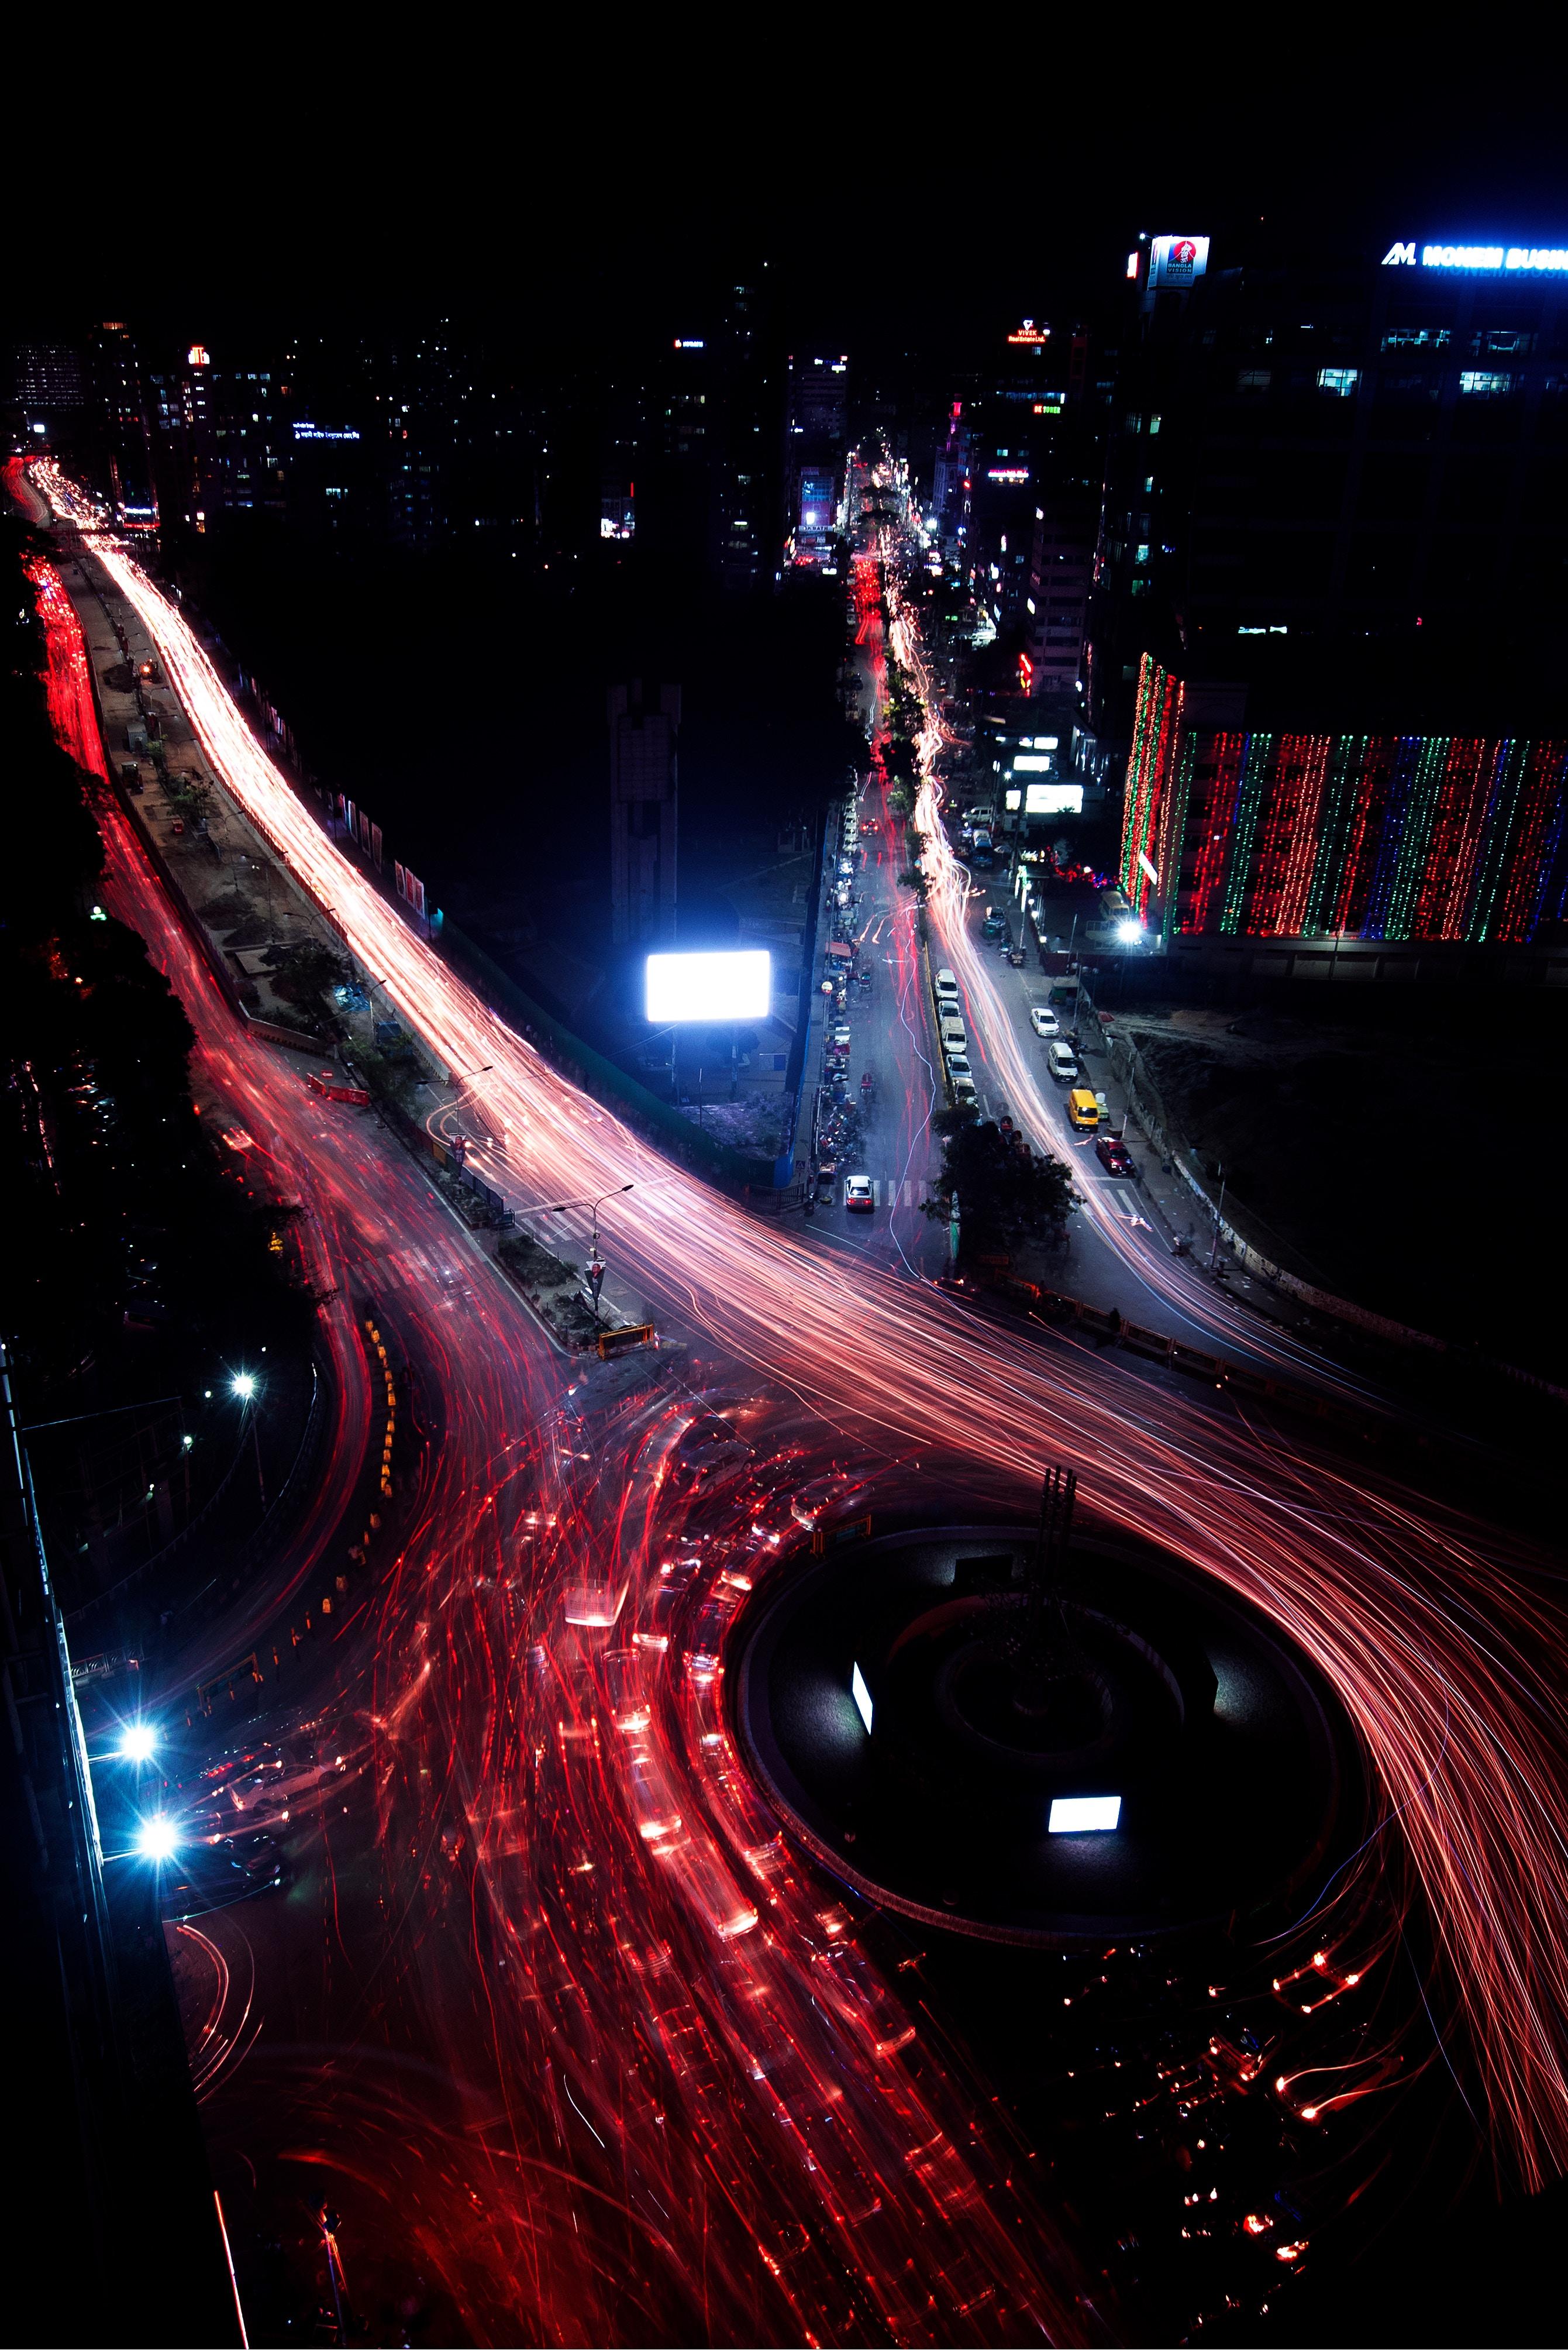 74420 Hintergrundbild herunterladen Städte, Roads, Übernachtung, Blick Von Oben, Nächtliche Stadt, Night City, Langzeitexposition - Bildschirmschoner und Bilder kostenlos